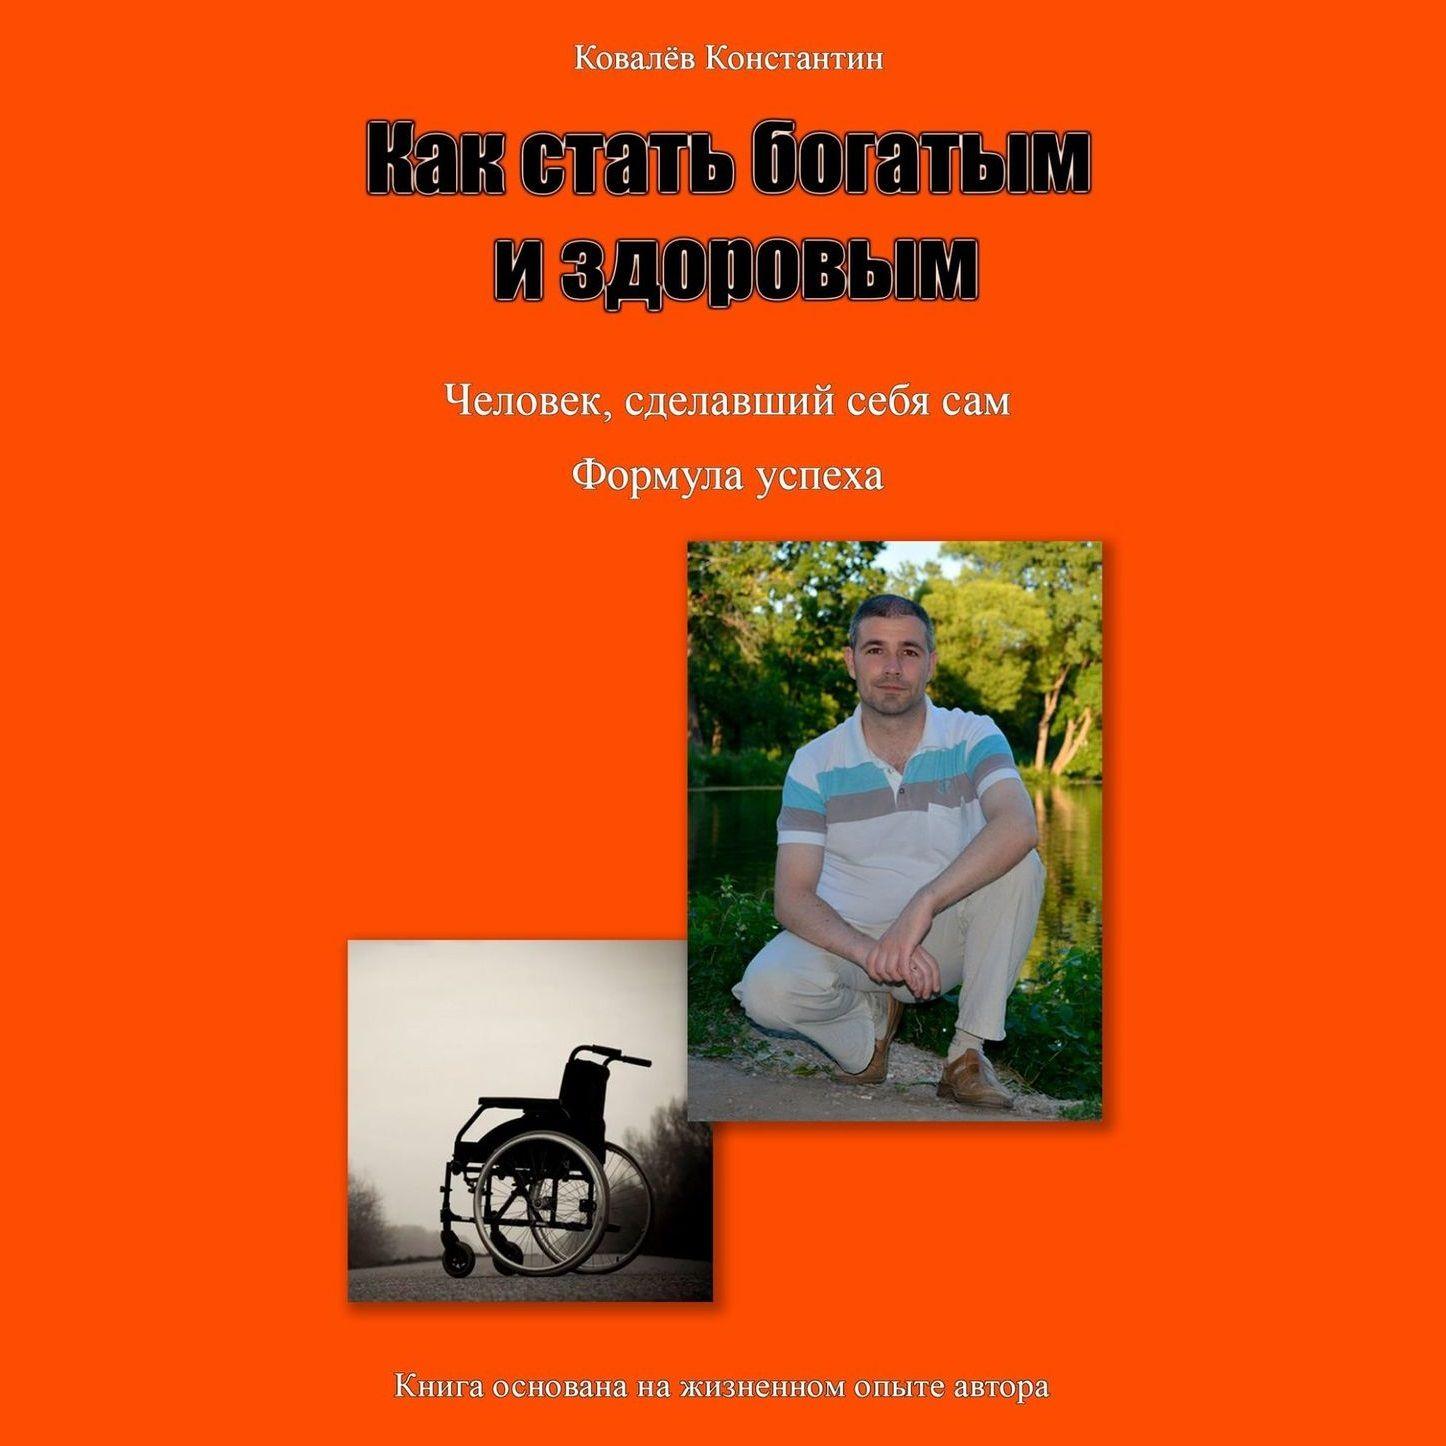 Константин Михайлович Ковалев Как стать богатым и здоровым